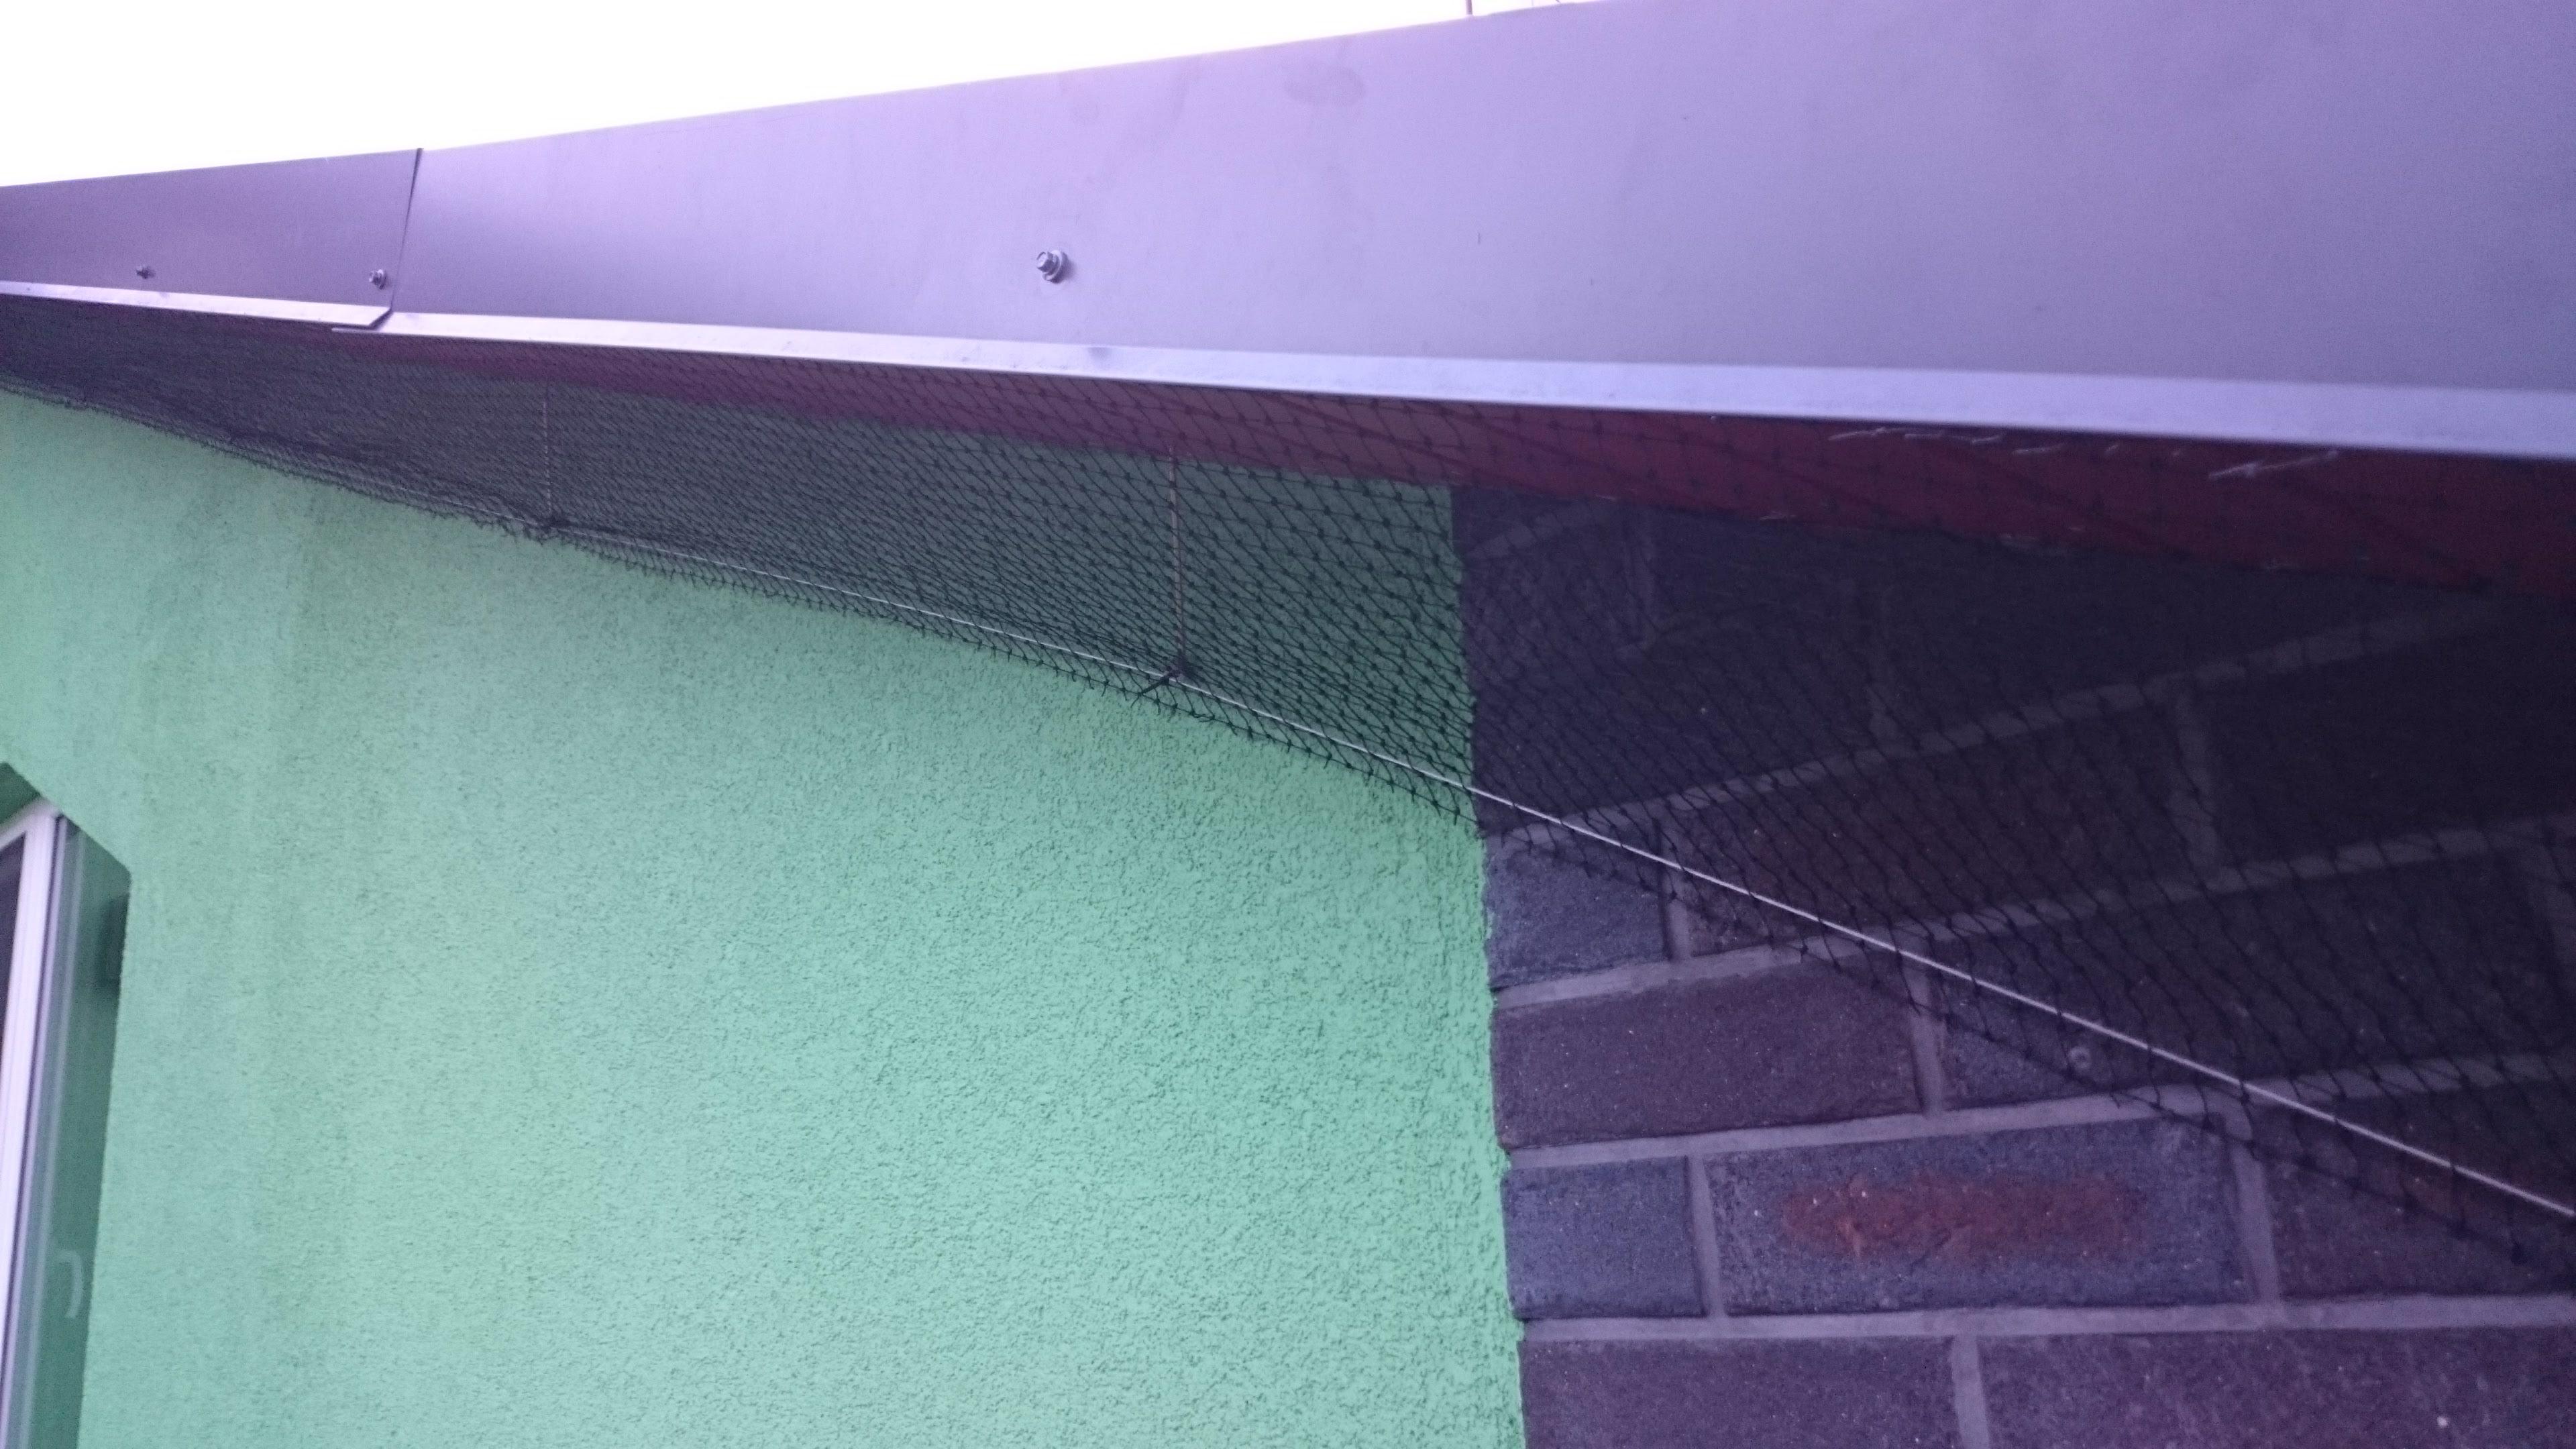 Tinklas nuo kregždžių, sumontuotas po stogo atbraila.